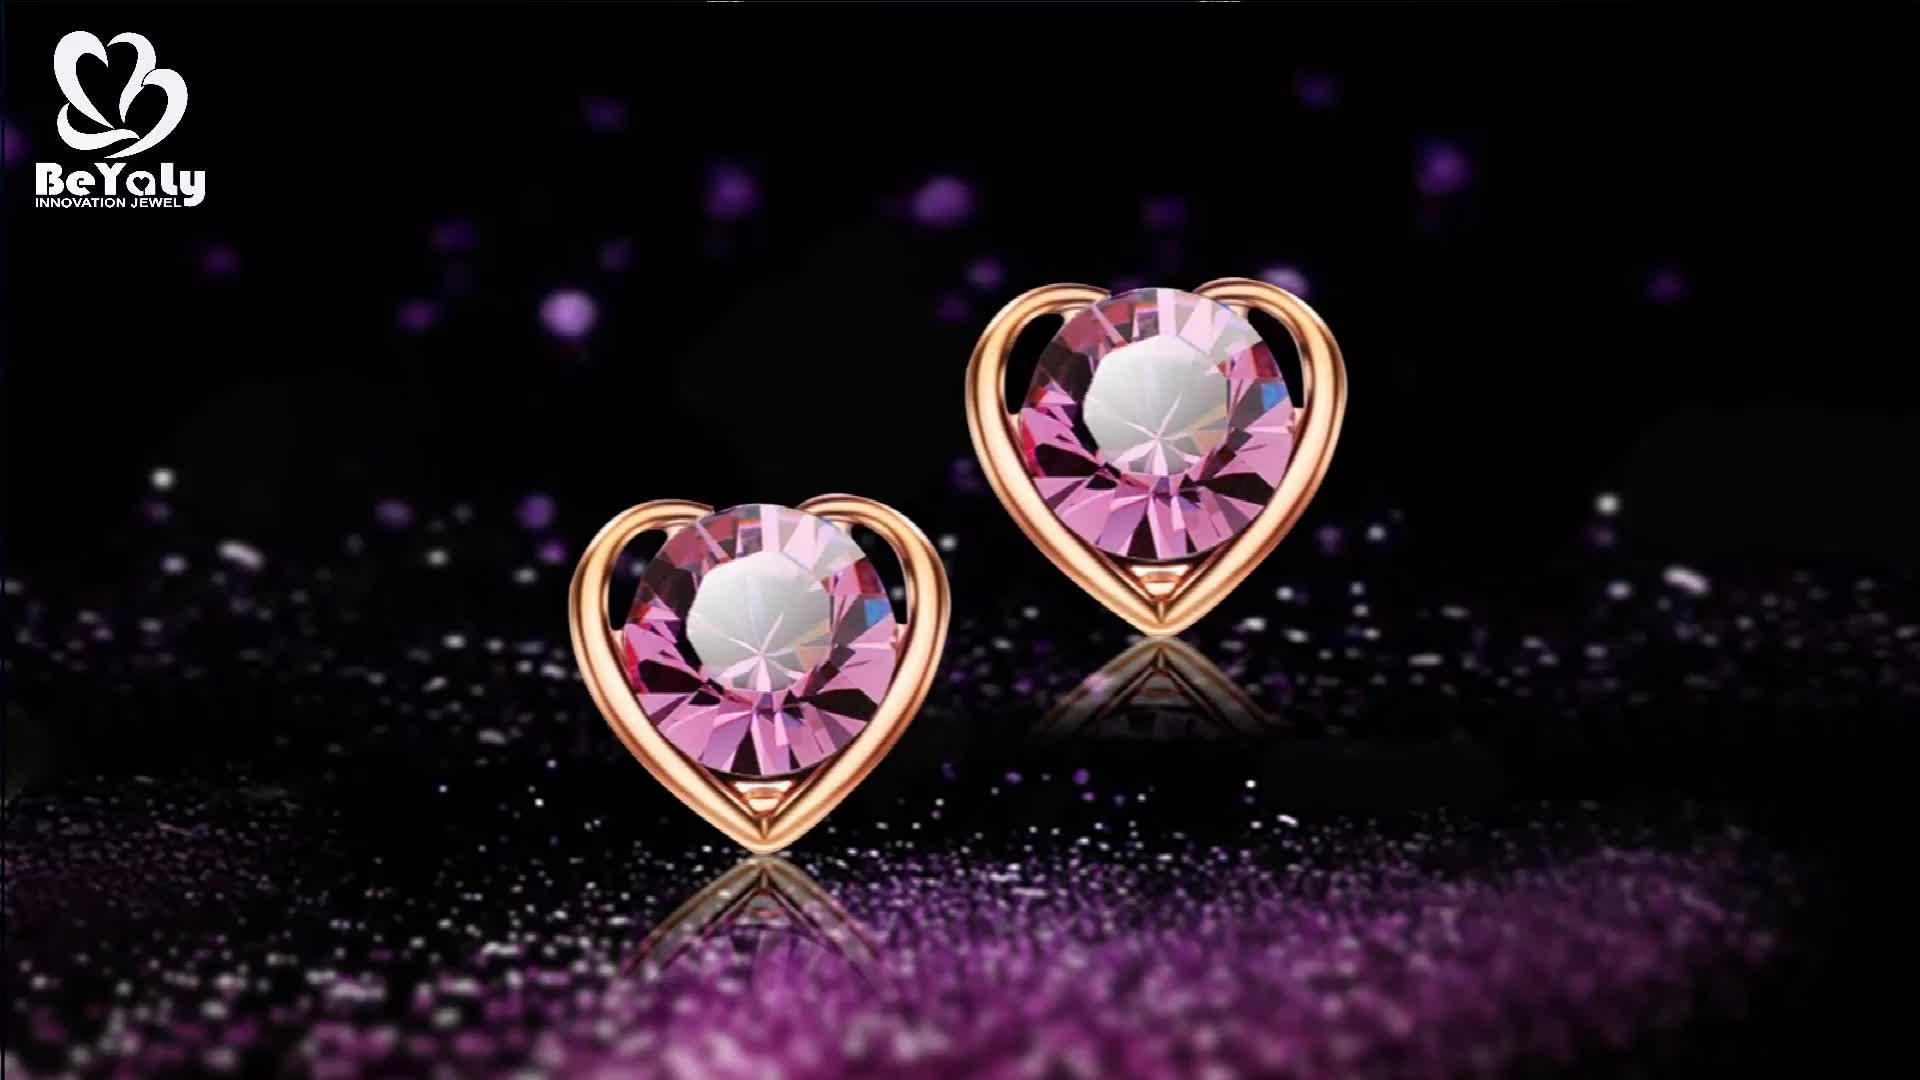 금 링 925 Sterling Silver Fashion 펜 던 트 Necklace Women Jewelry Set